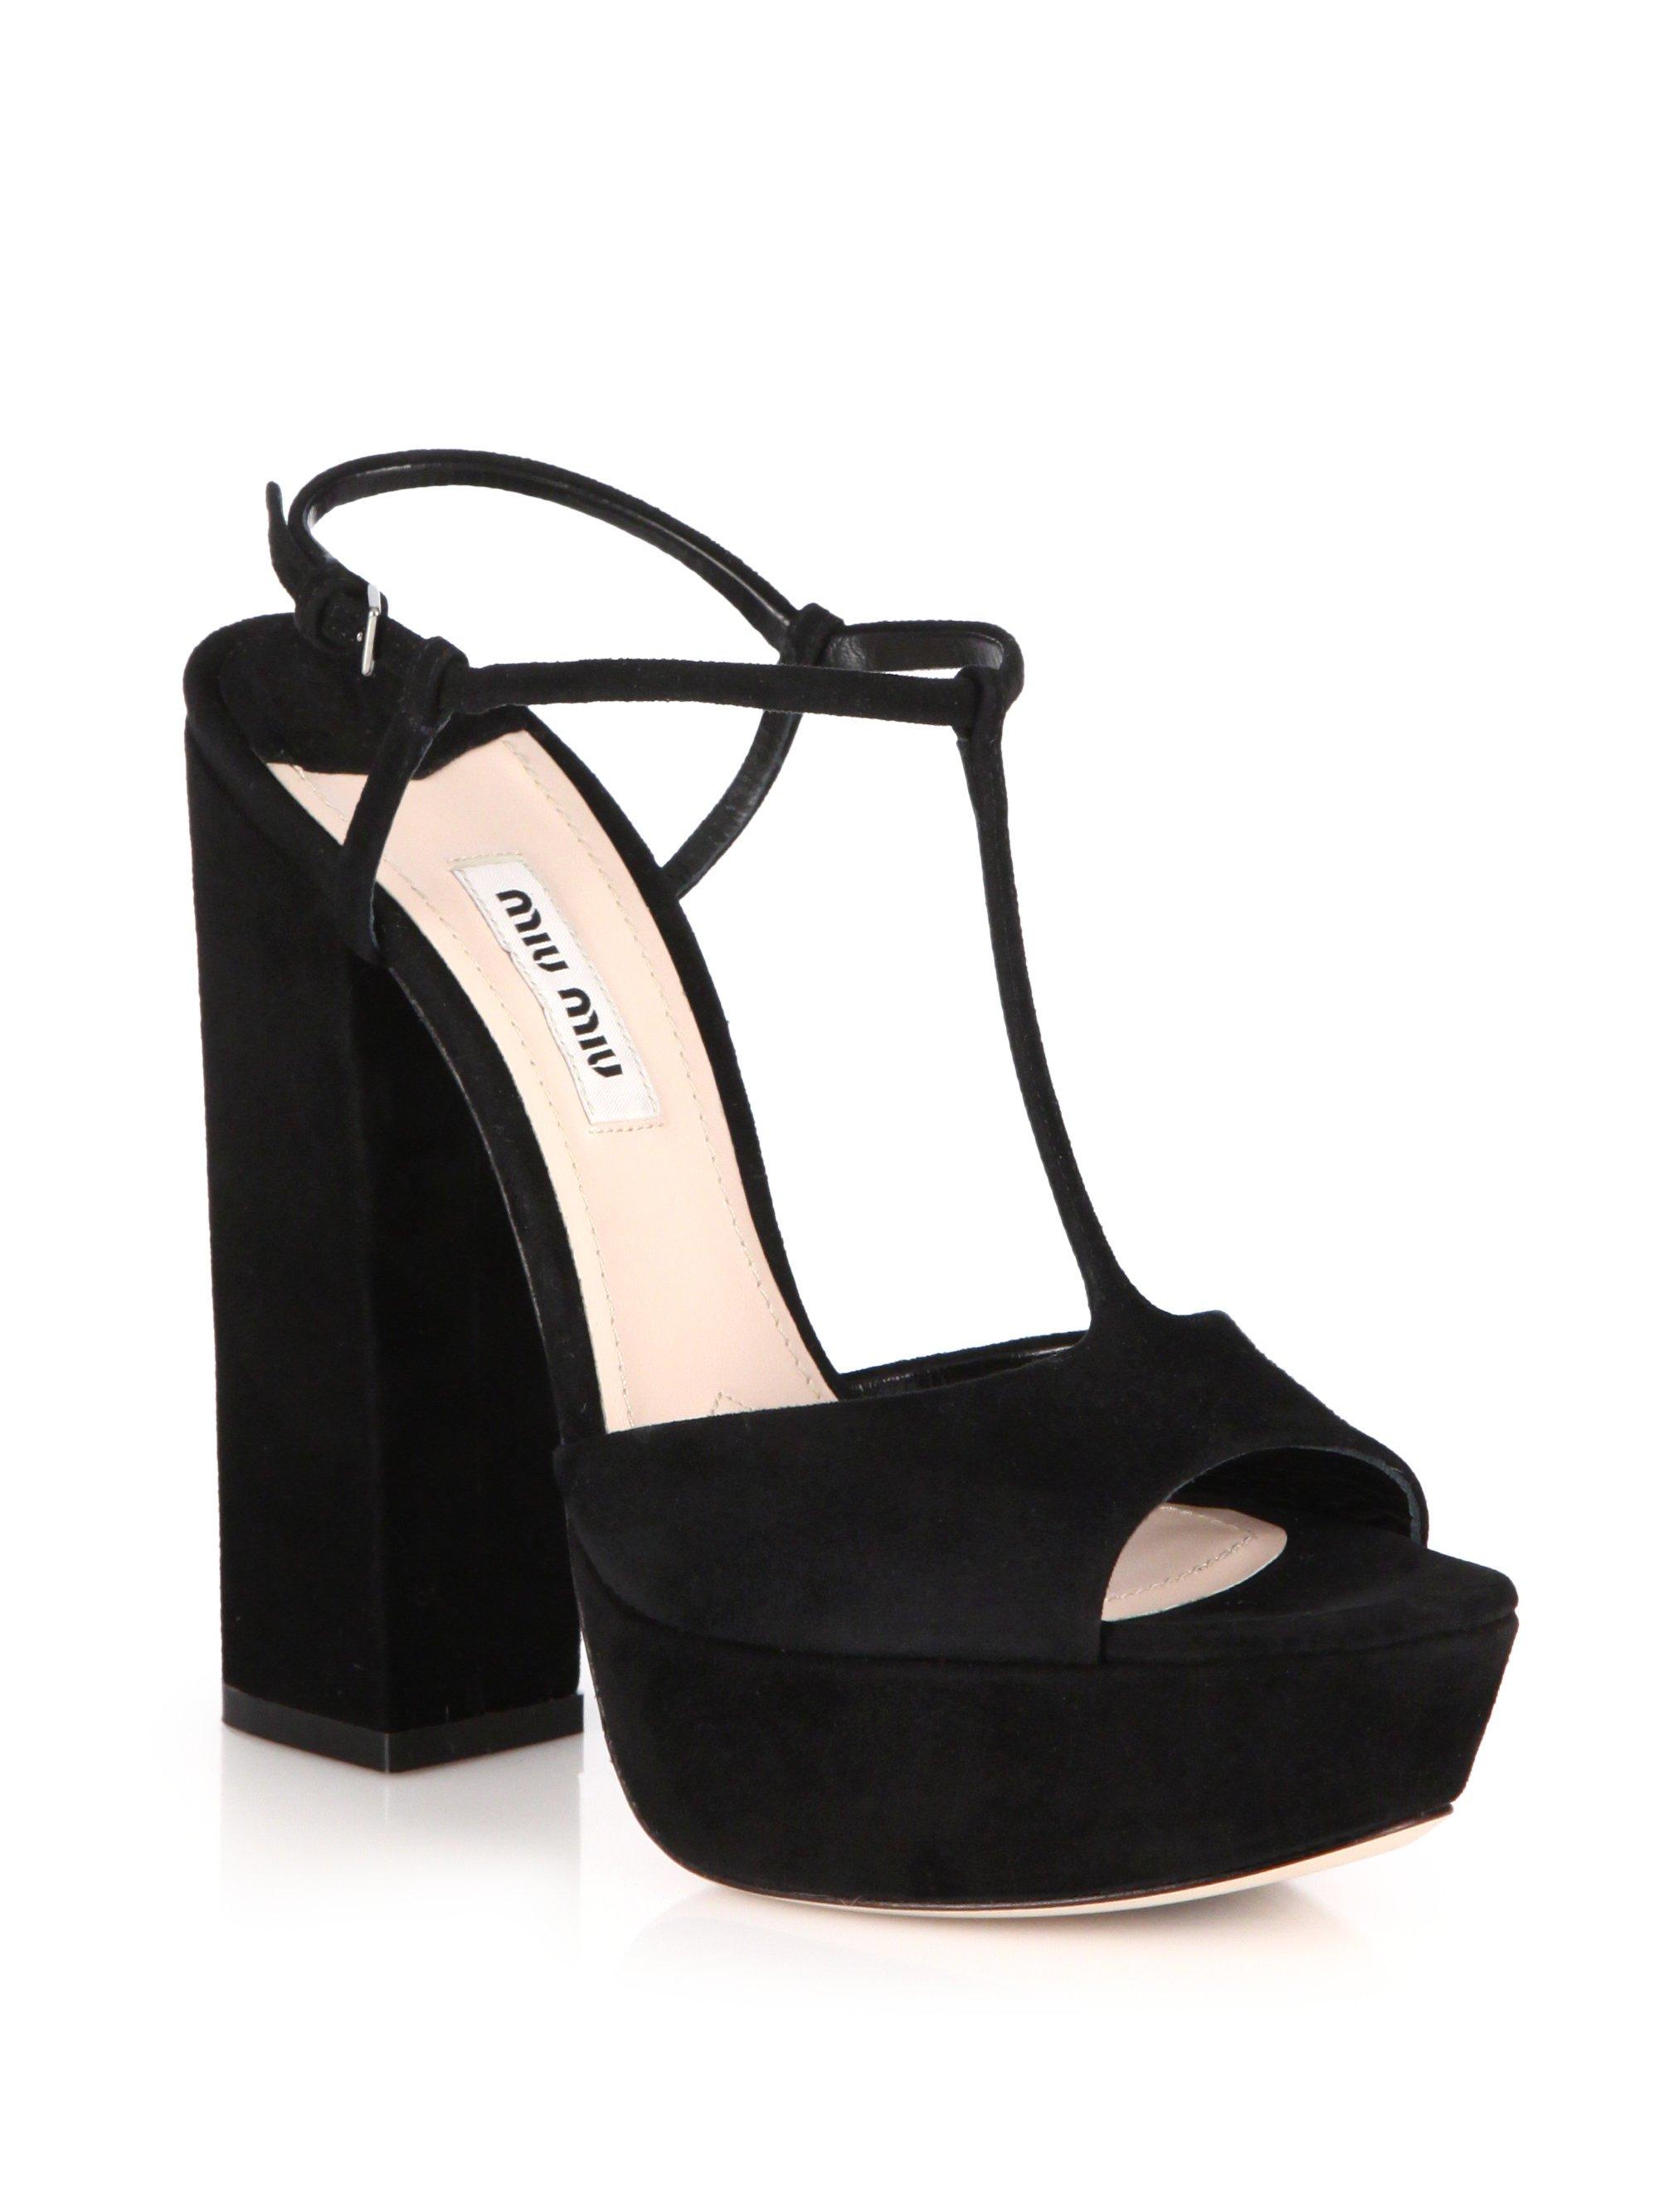 dfe20e3c843 Lyst - Miu Miu Suede Platform Sandals in Black